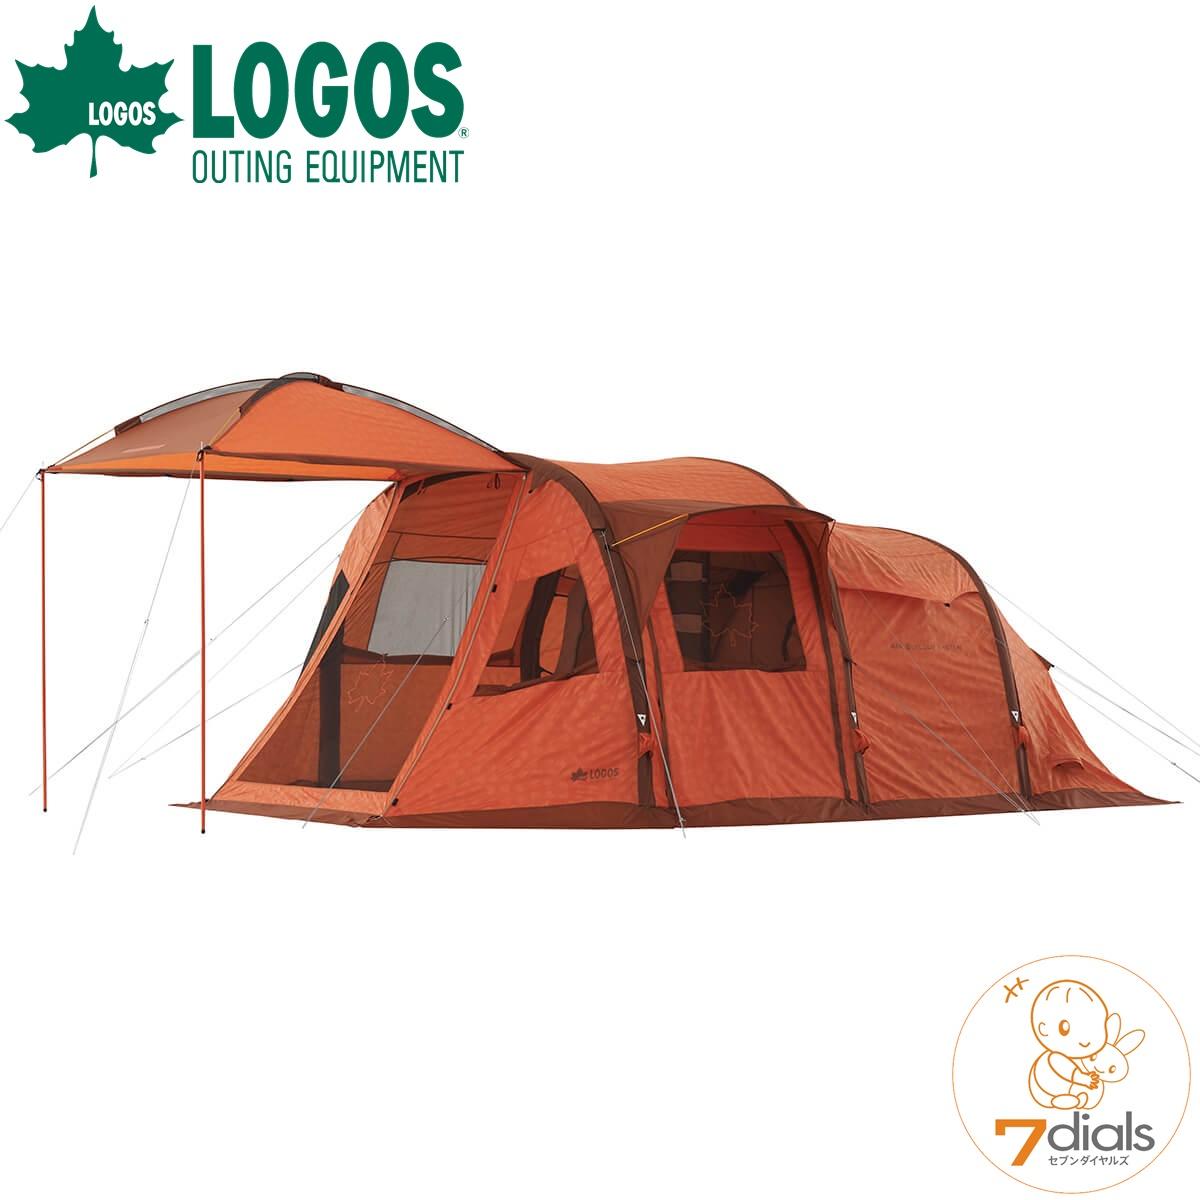 LOGOS/ロゴス エアマジックPANELドーム L-AH 2ルームテント付属のポンプで3か所に入れるだけ あっというまに2ルームテントが完成 ツールームテント【あす楽_土曜営業】【送料無料】